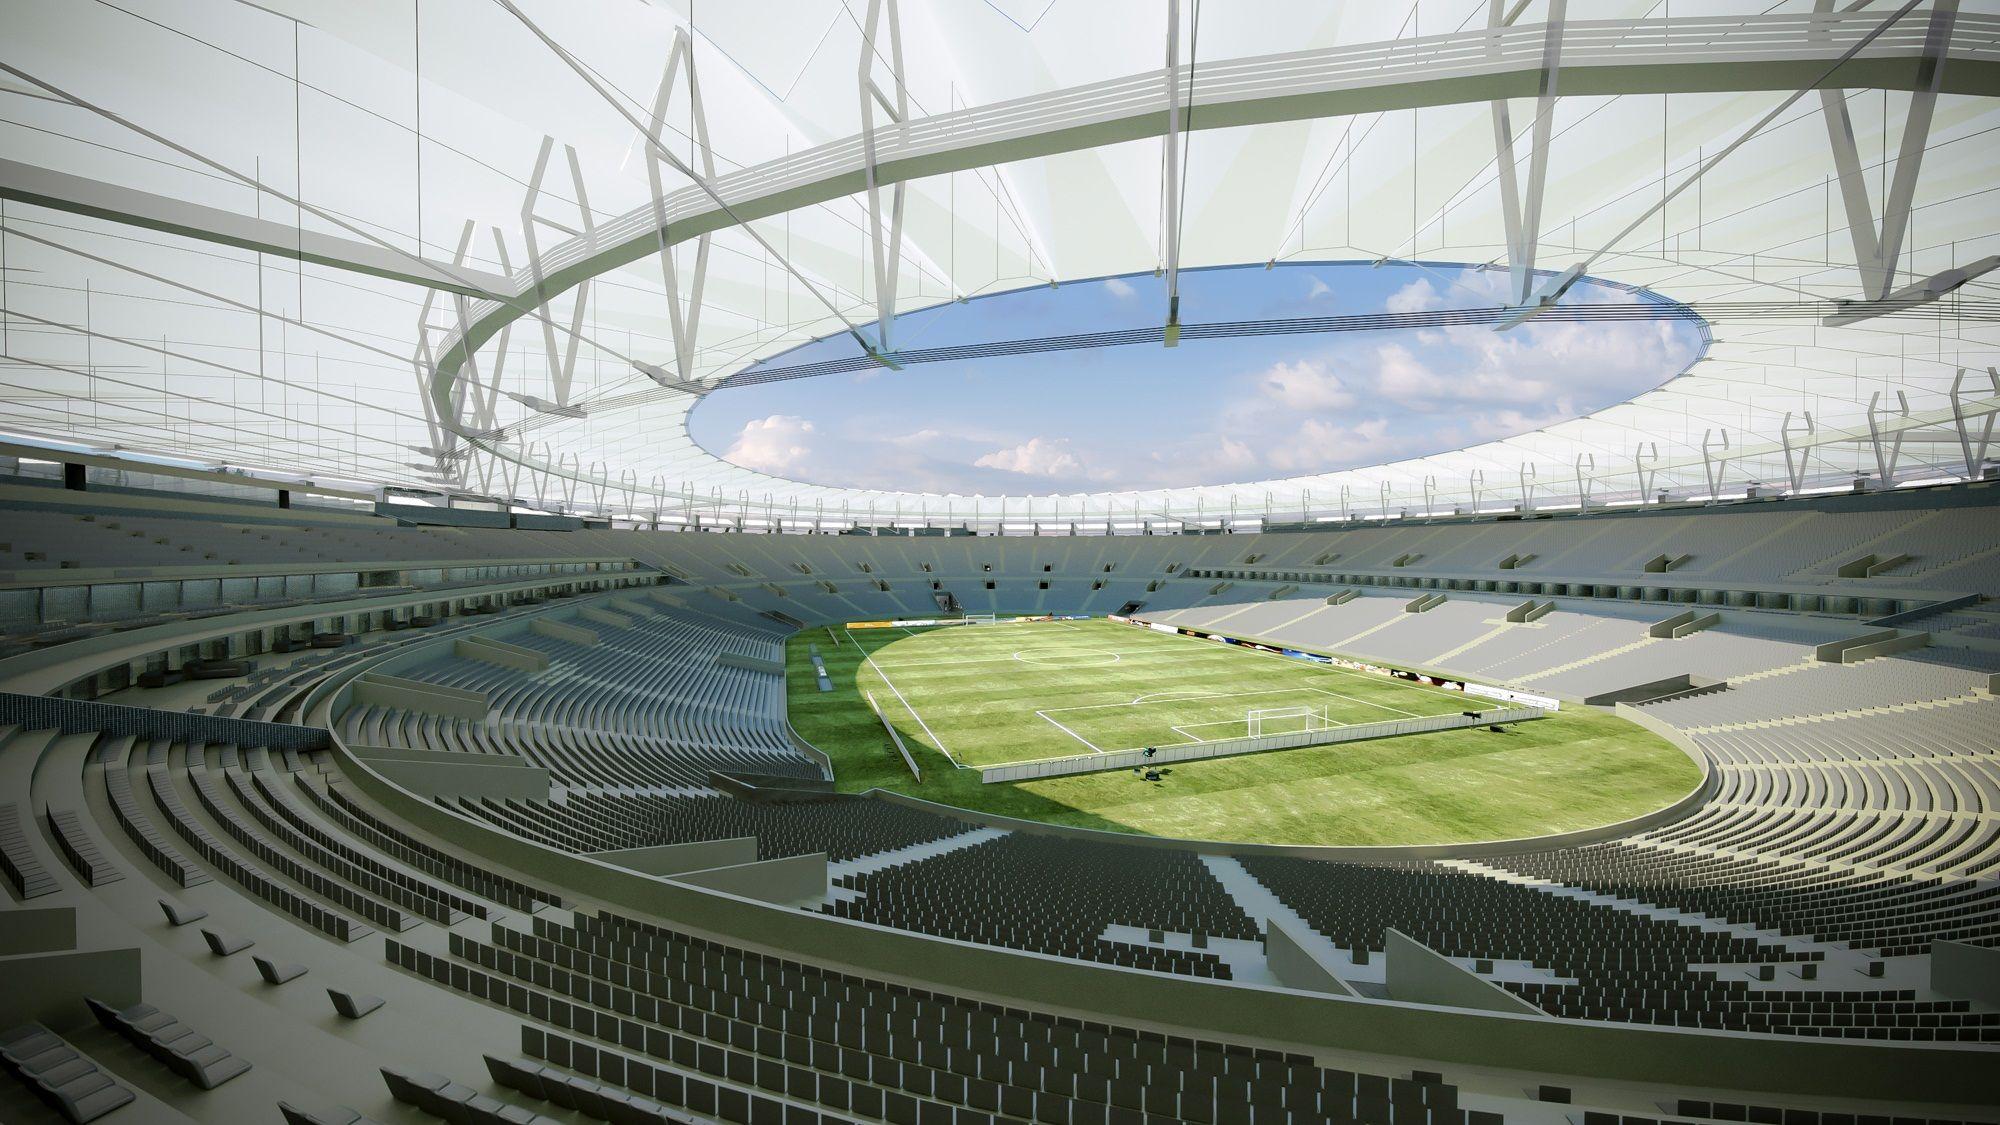 Estadio_Maracana_FIFA_Copa_2014_Projeto_Arquitetura_Interna.jpg (2000×1125)